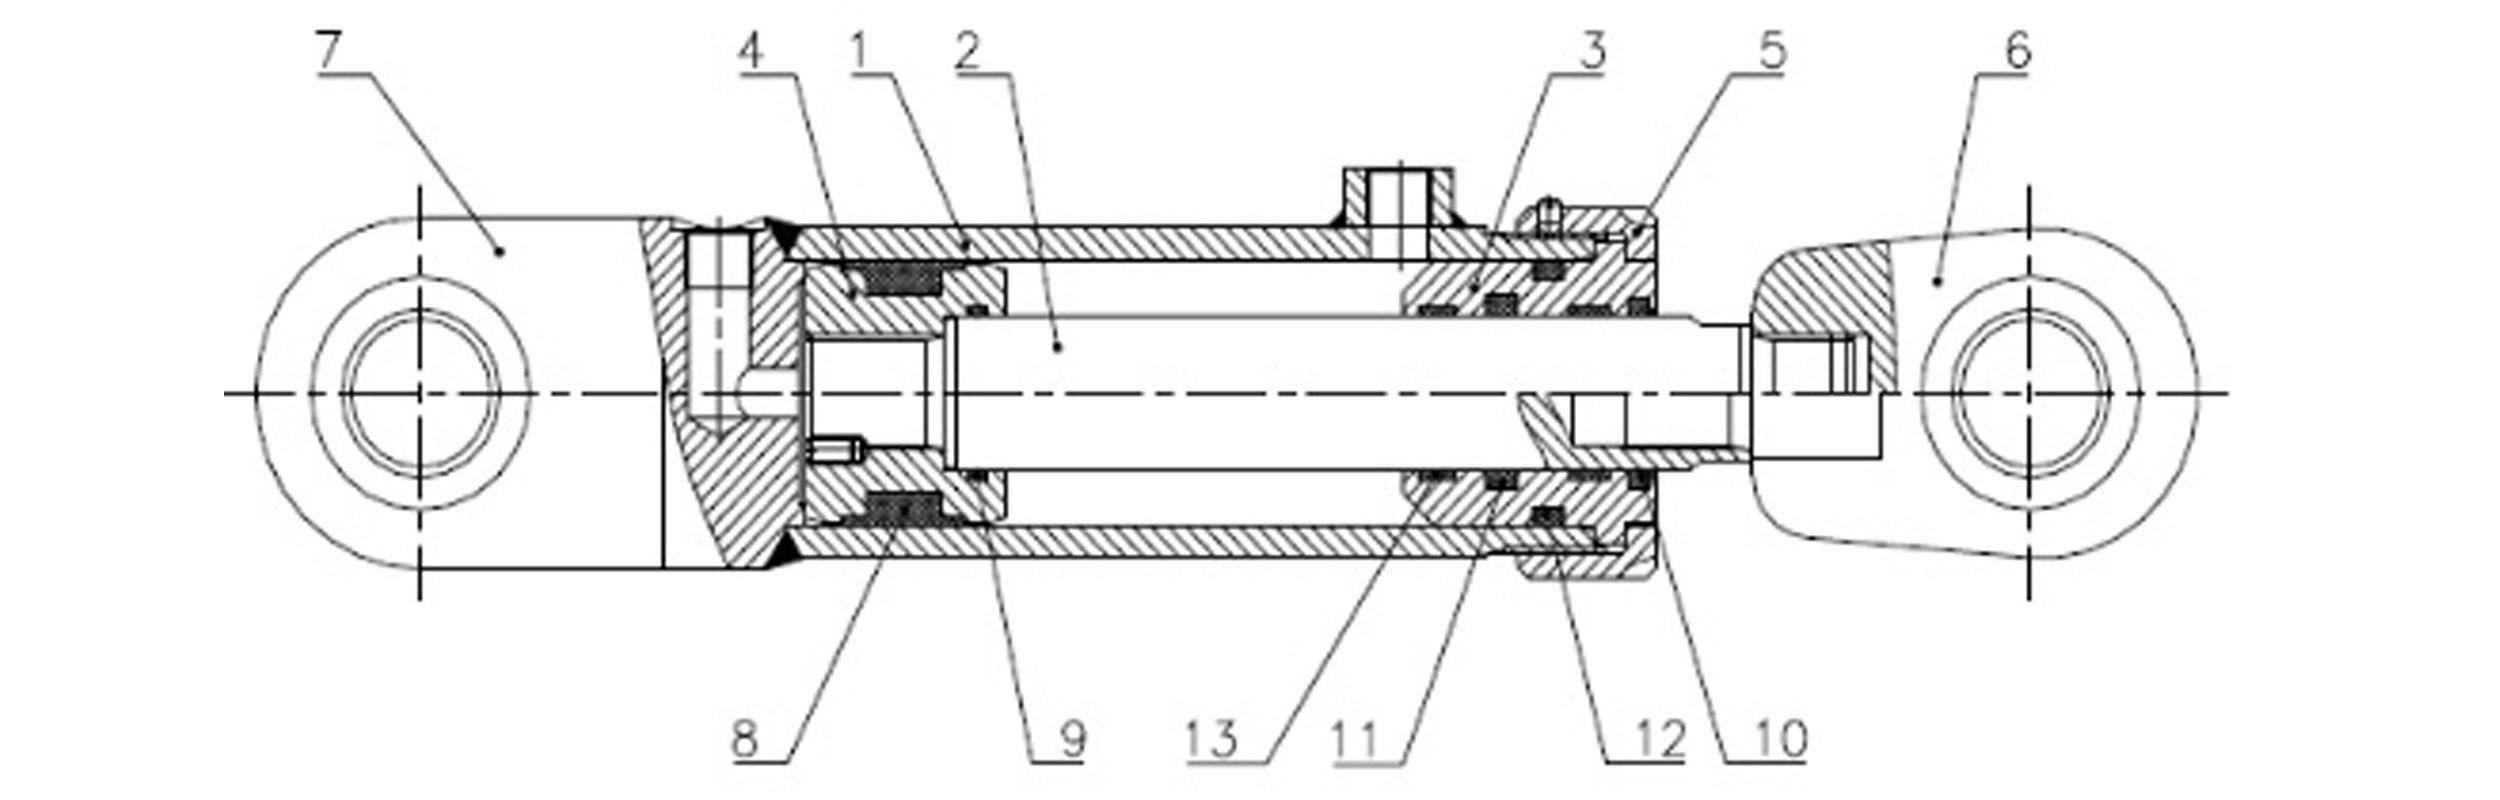 Siłownik hydrauliczny dwustronnego działania CB produkcji Bipromasz - Części zamienne